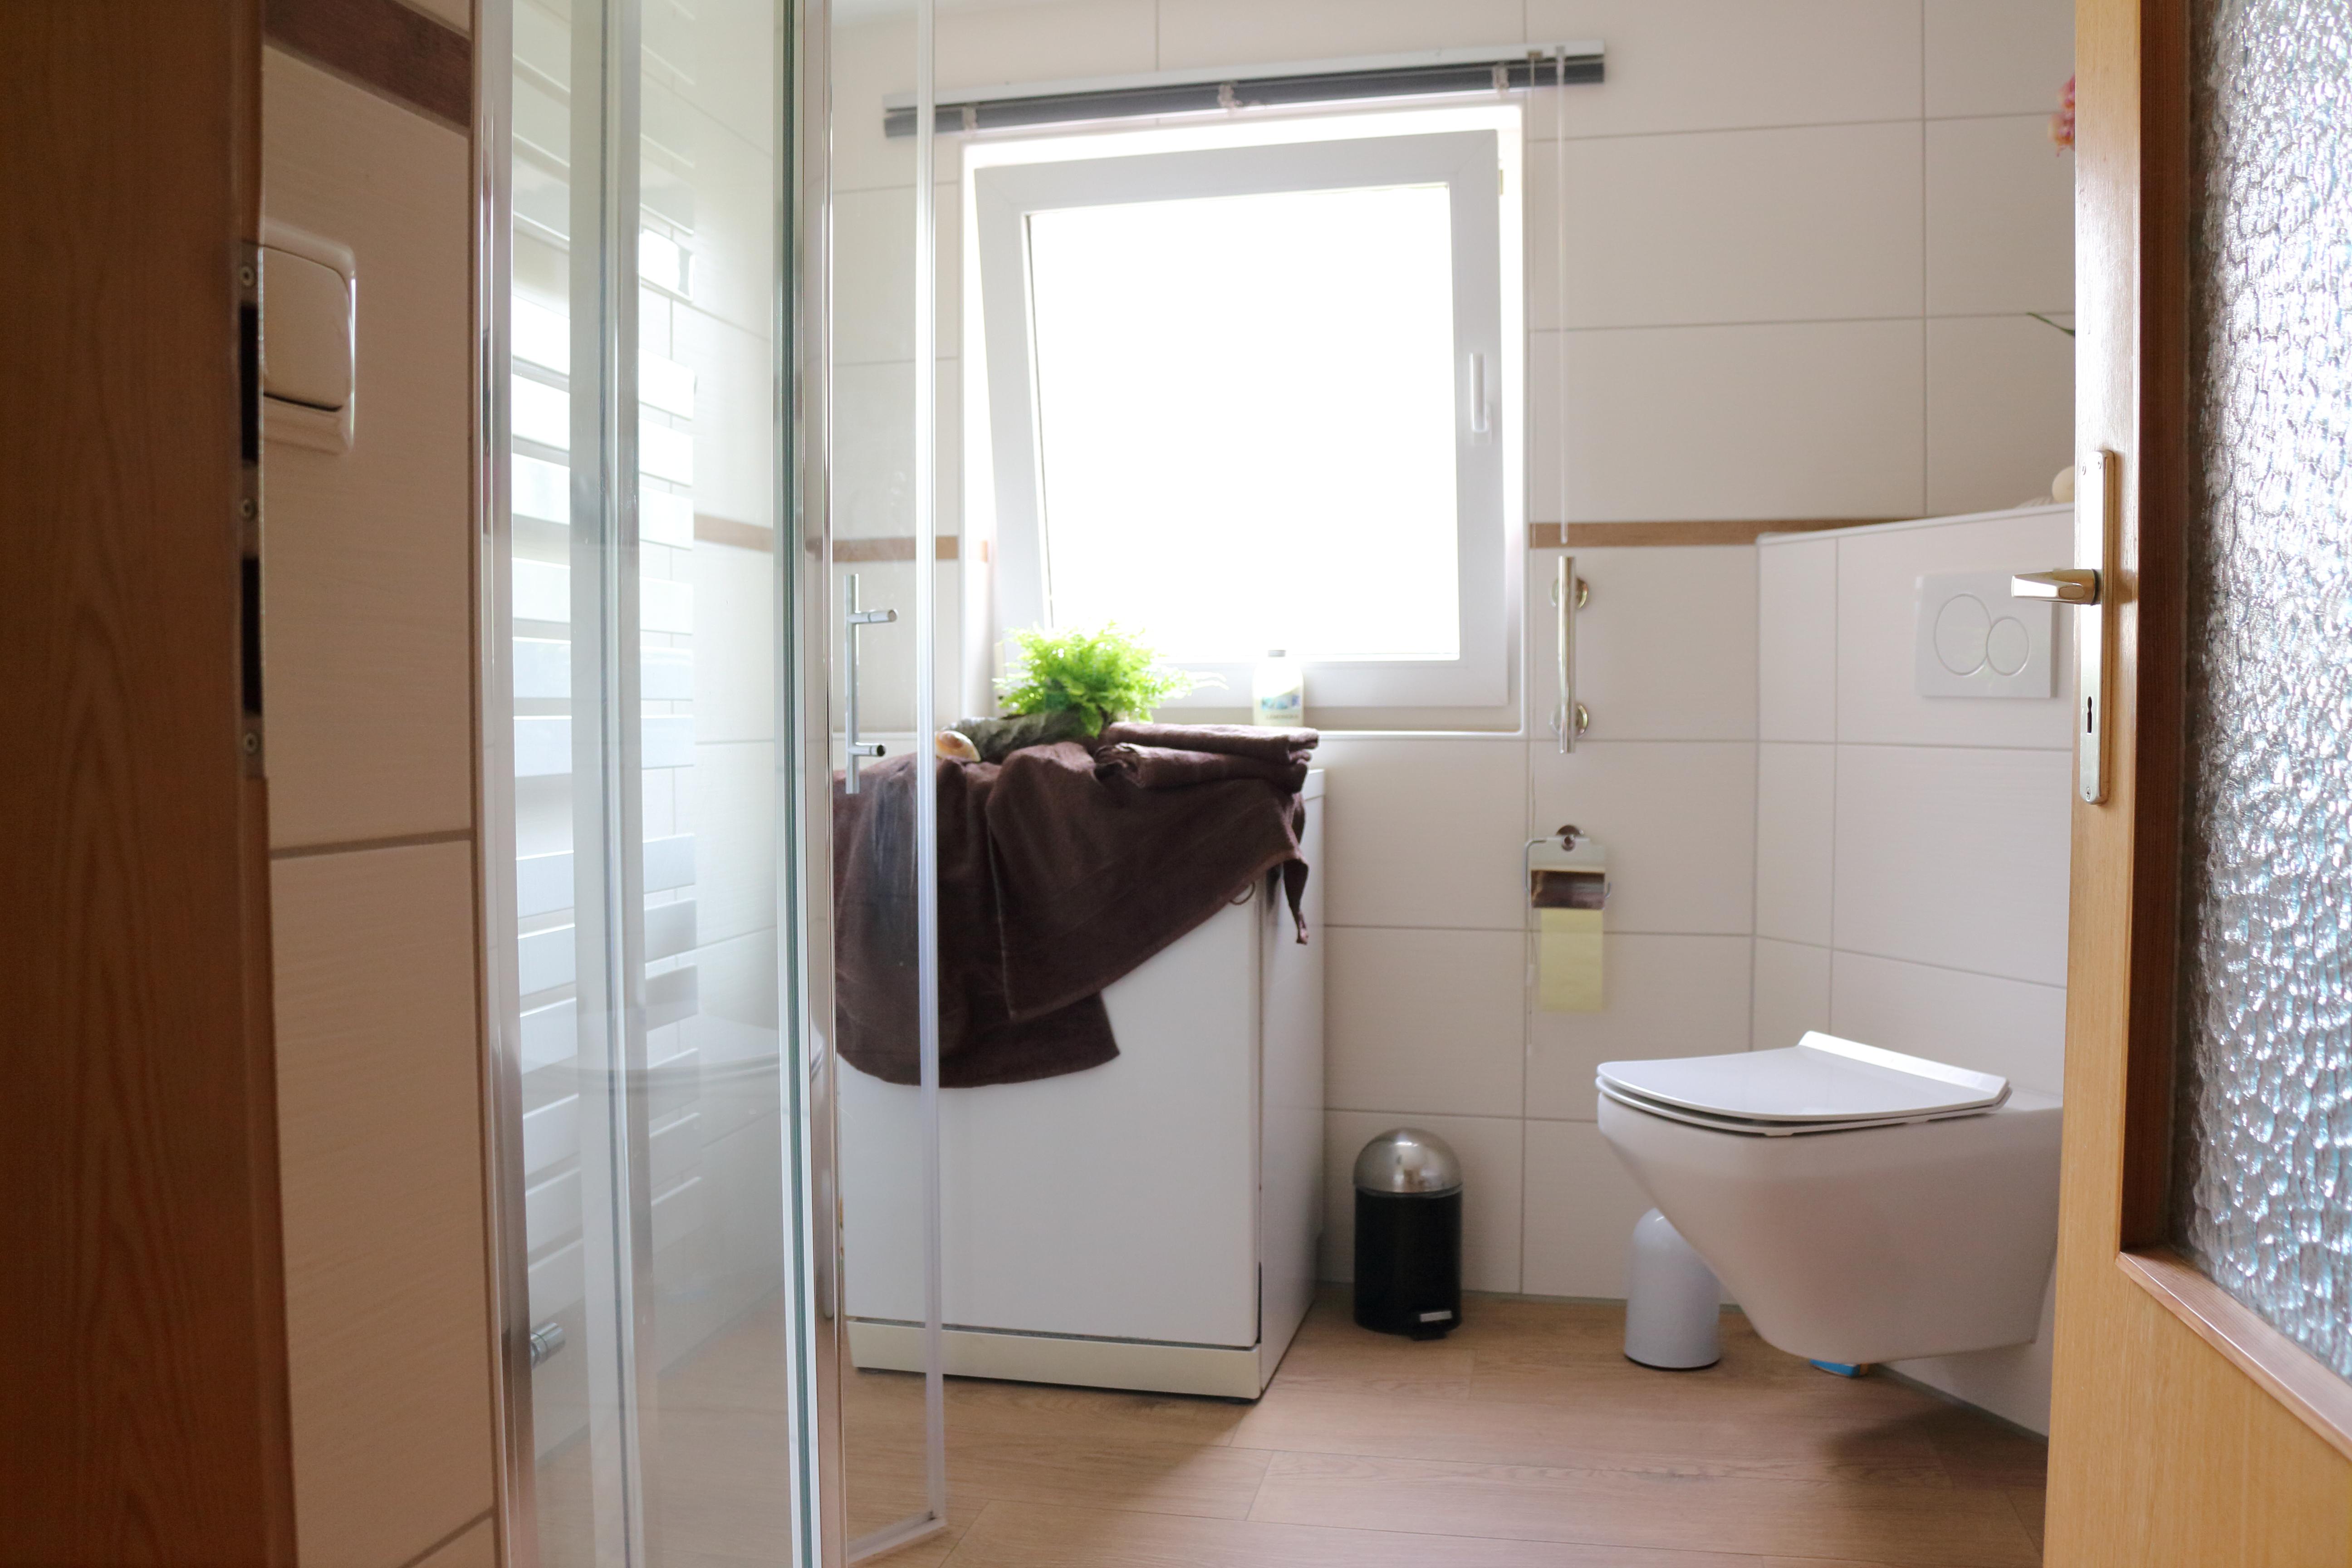 kleines Badezimmer,bodengleicher Dusche Badenovierung ...